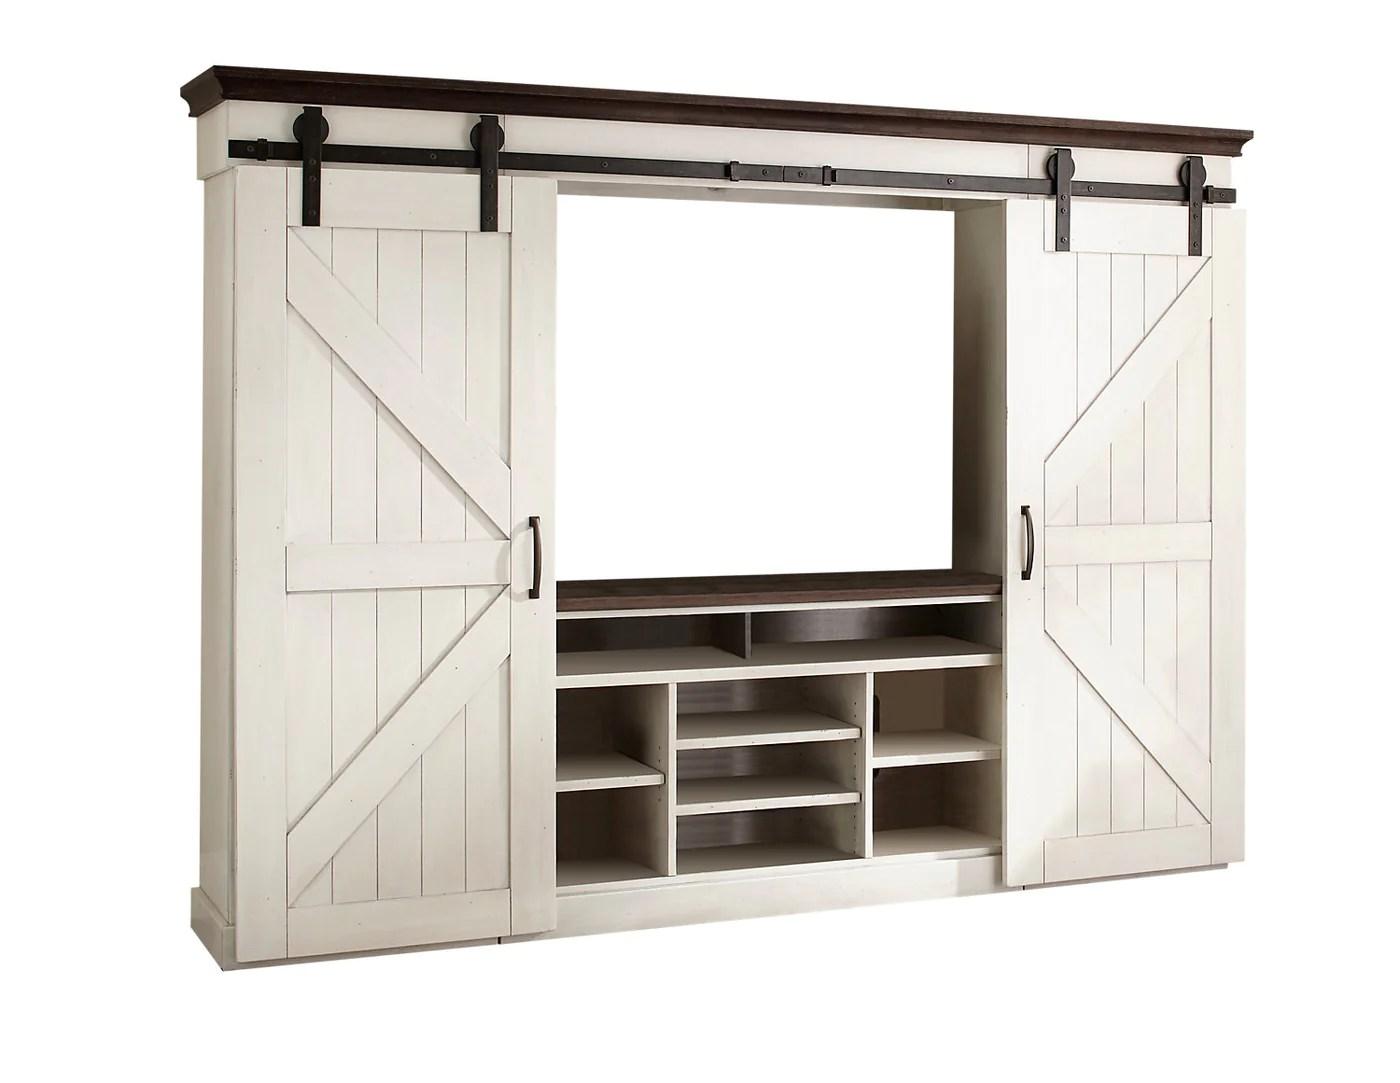 meuble audio video sydney 6 pieces avec portes de grange et ouverture pour televiseur de 55 po